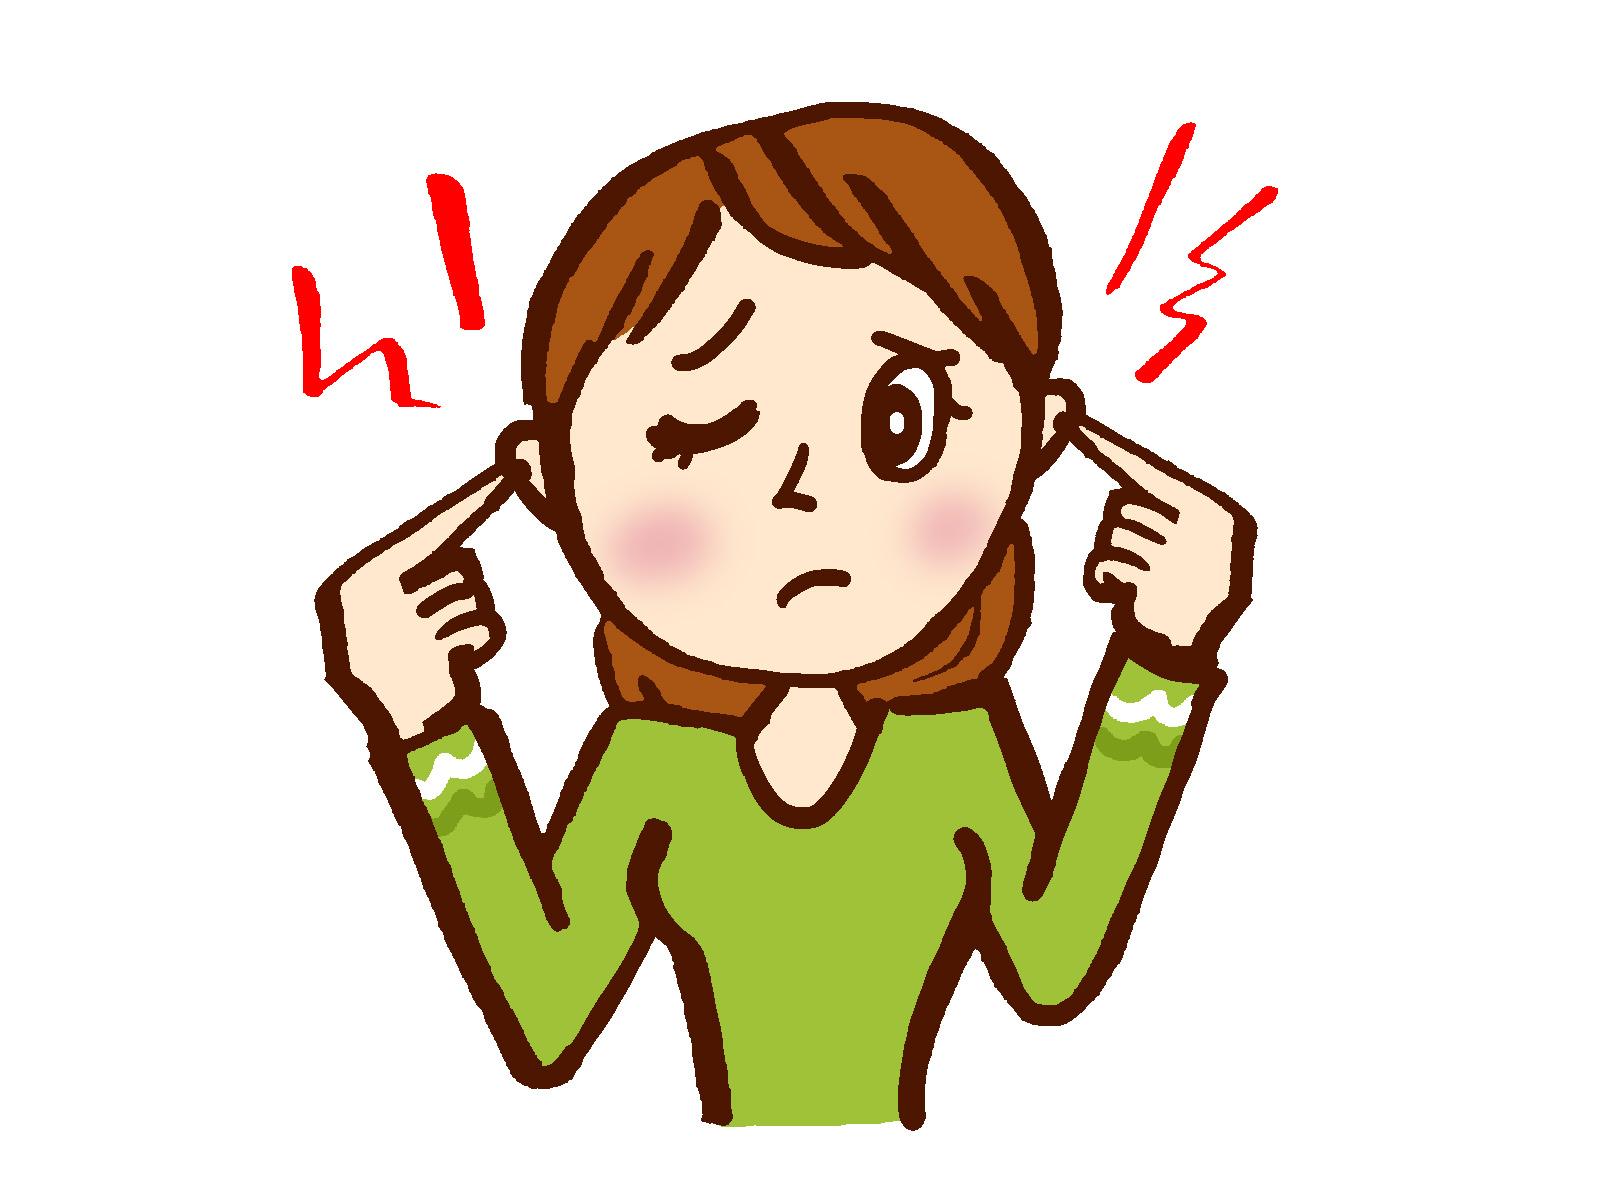 私の幻聴は発達障害の二次障害が原因